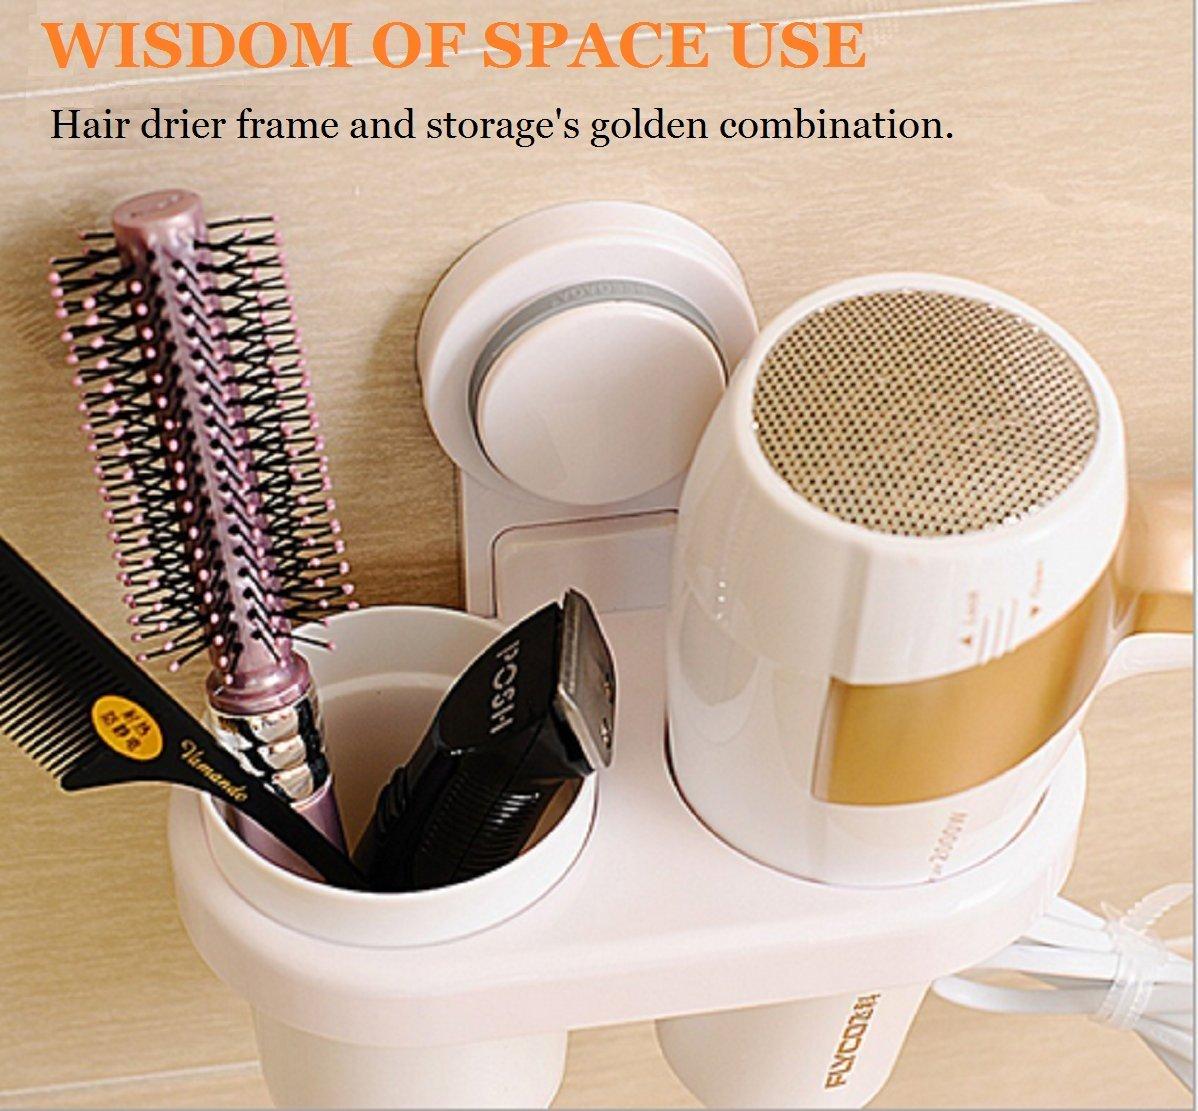 Hair Dryer Holder,Bathroom Hair Blow Dryer Holder,Hair Care Tools Holder for Hair Dryer, Flat And Straightener,Hair Dryer Organizer Storage,Bathroom Washroom Accessories Storage Organizer Set